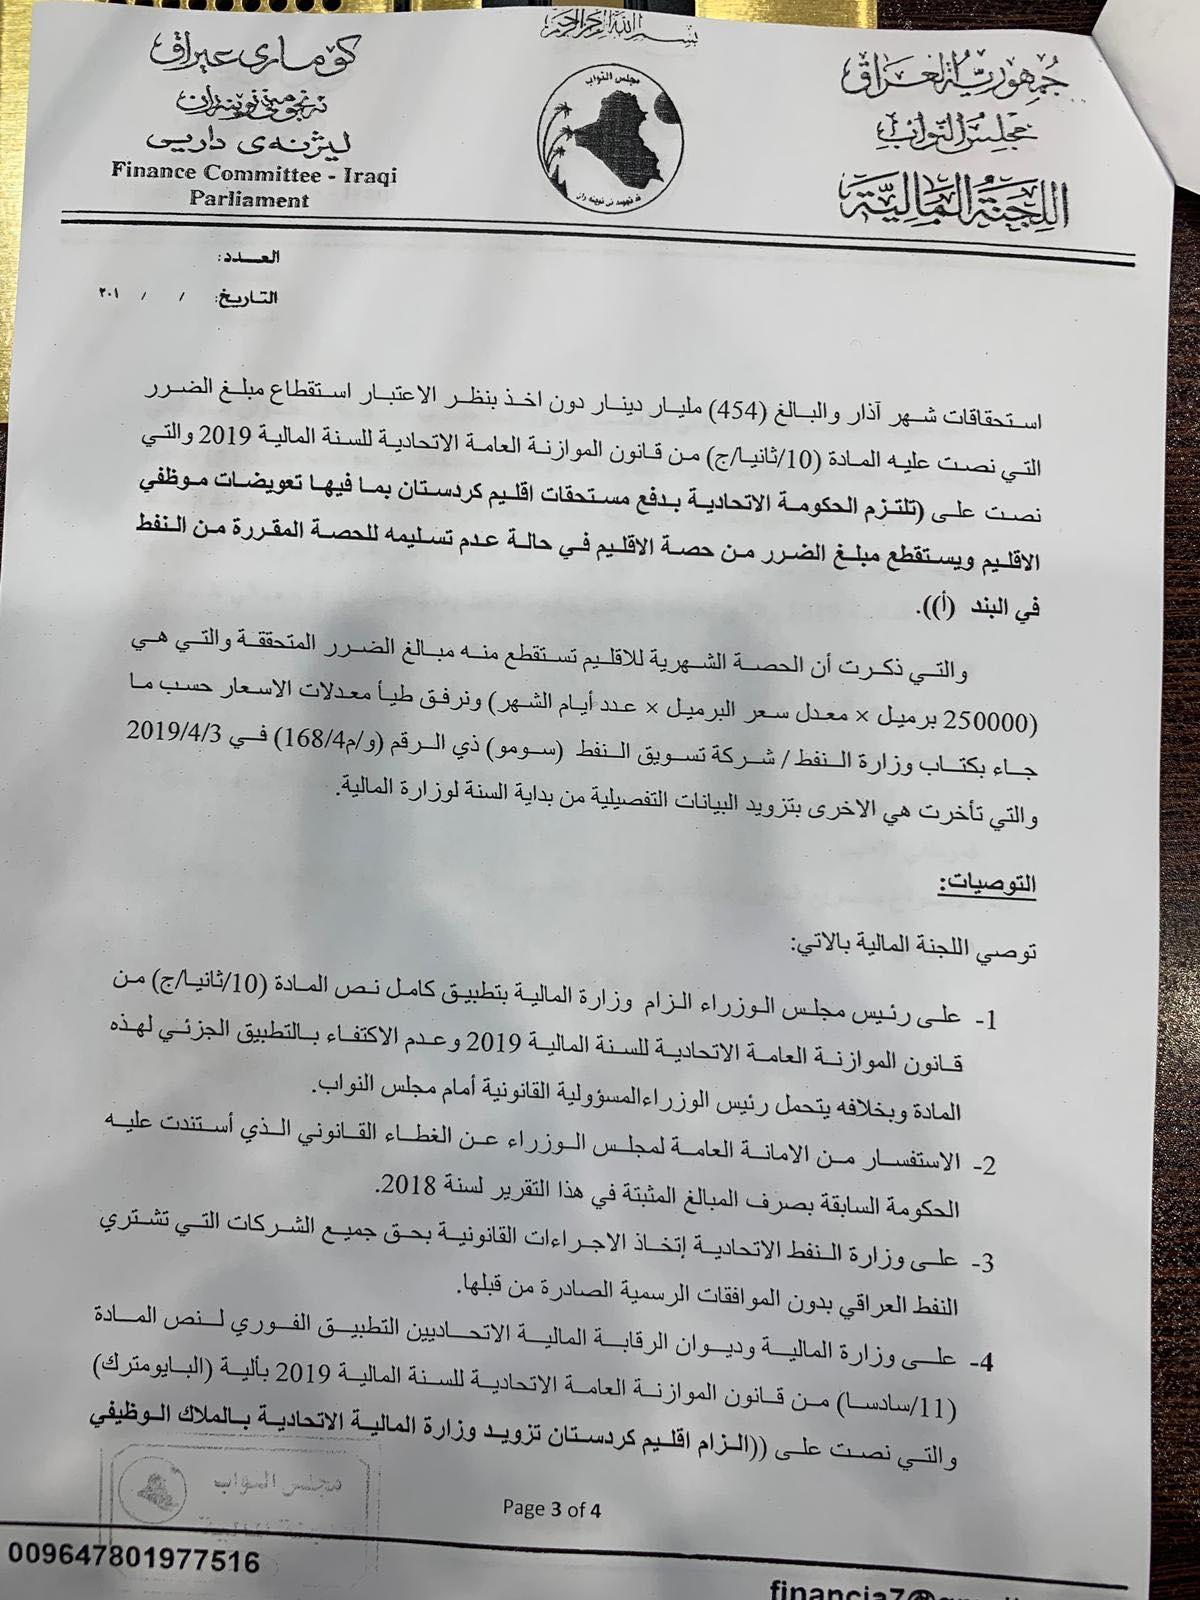 وثائق: بين العبادي وعبد المهدي.. حصة كردستان ارتفعت من 2.4 إلى 5.4 ترليون دينار!